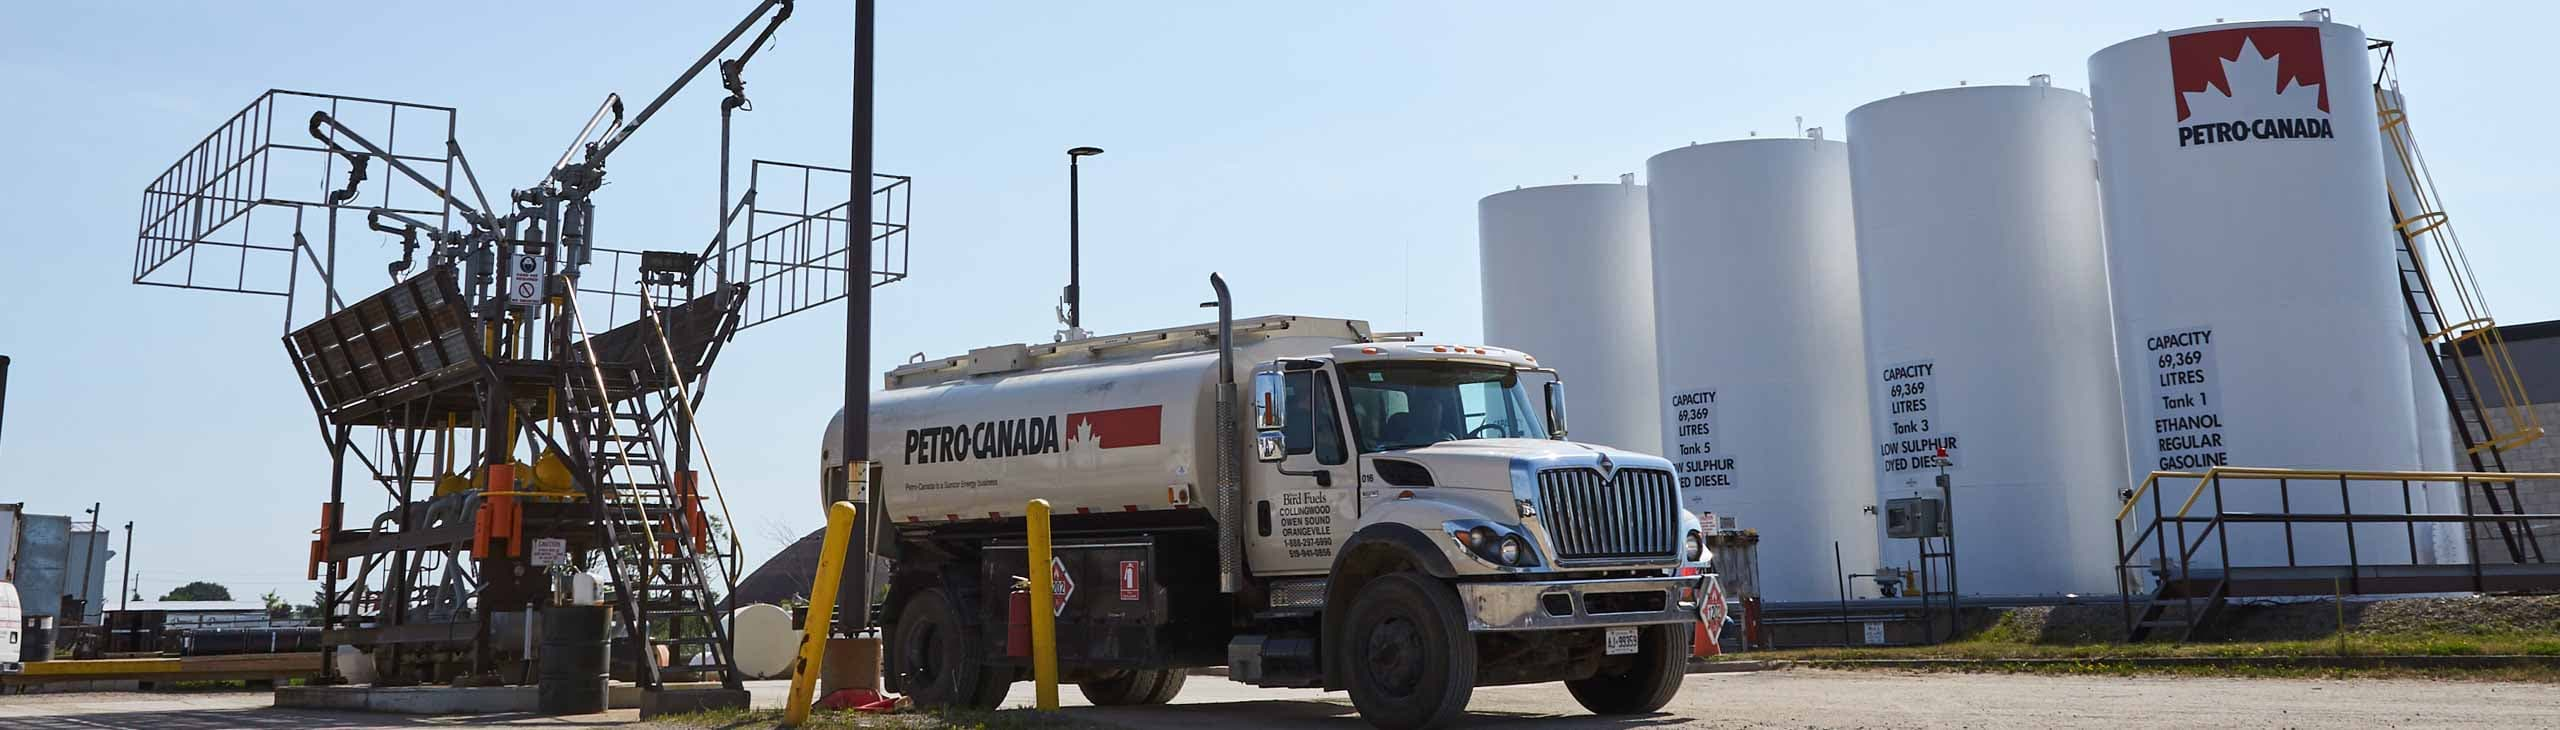 Un camion Petro-Canada devant une rangée de gros réservoirs de carburant.